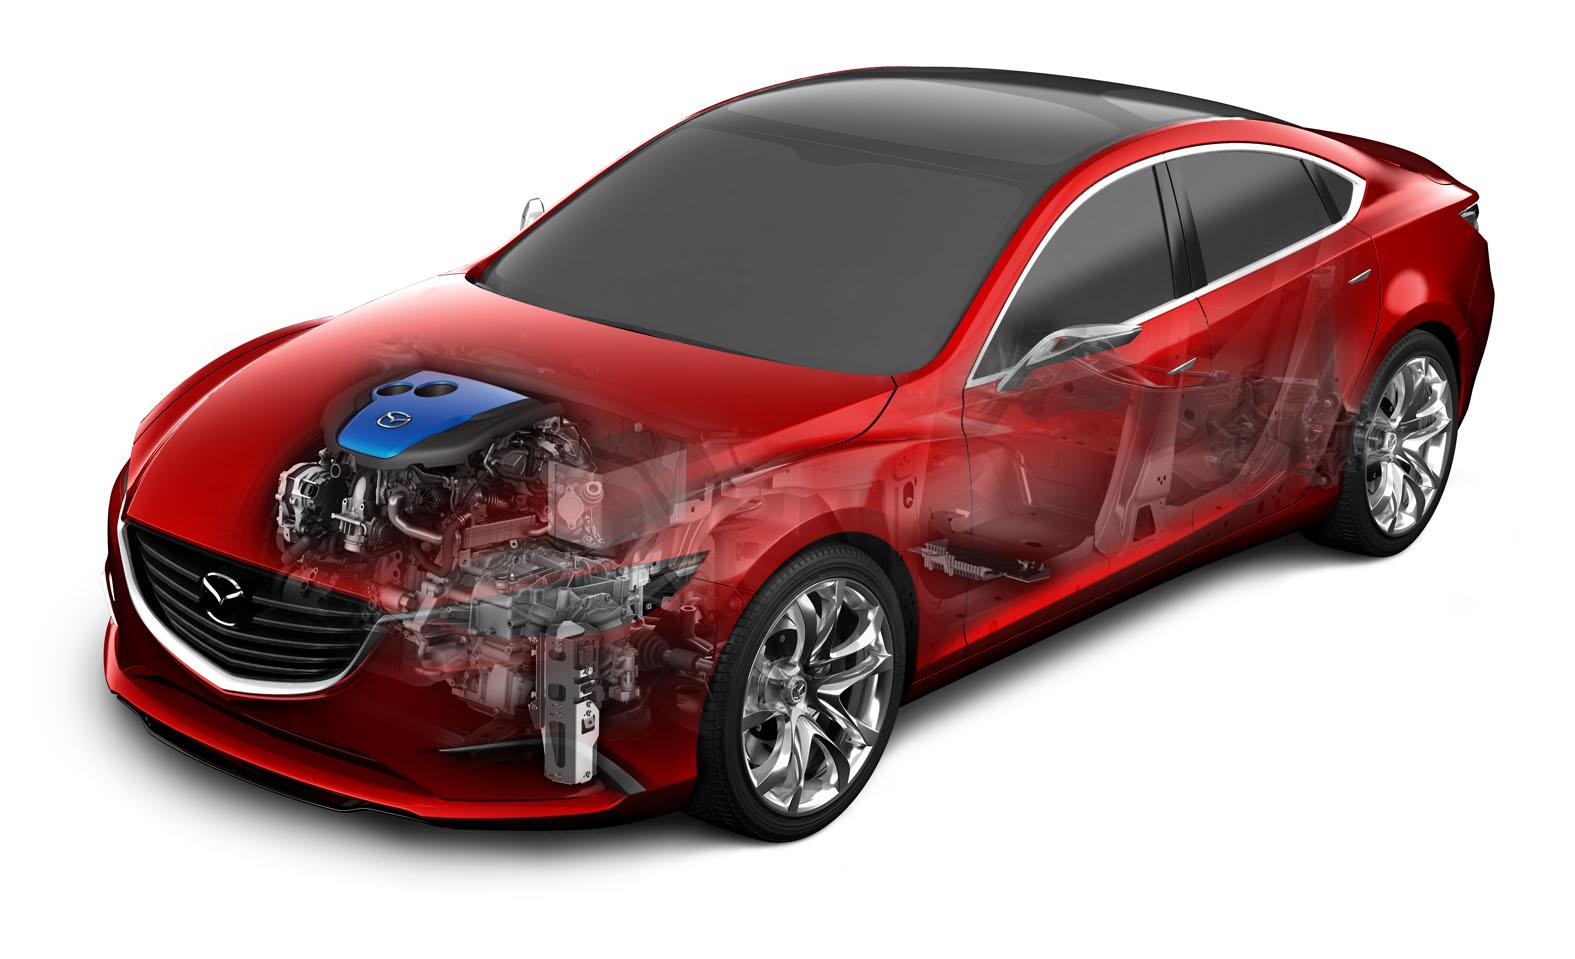 Nguồn điện và động cơ là trái tim của xe hơi